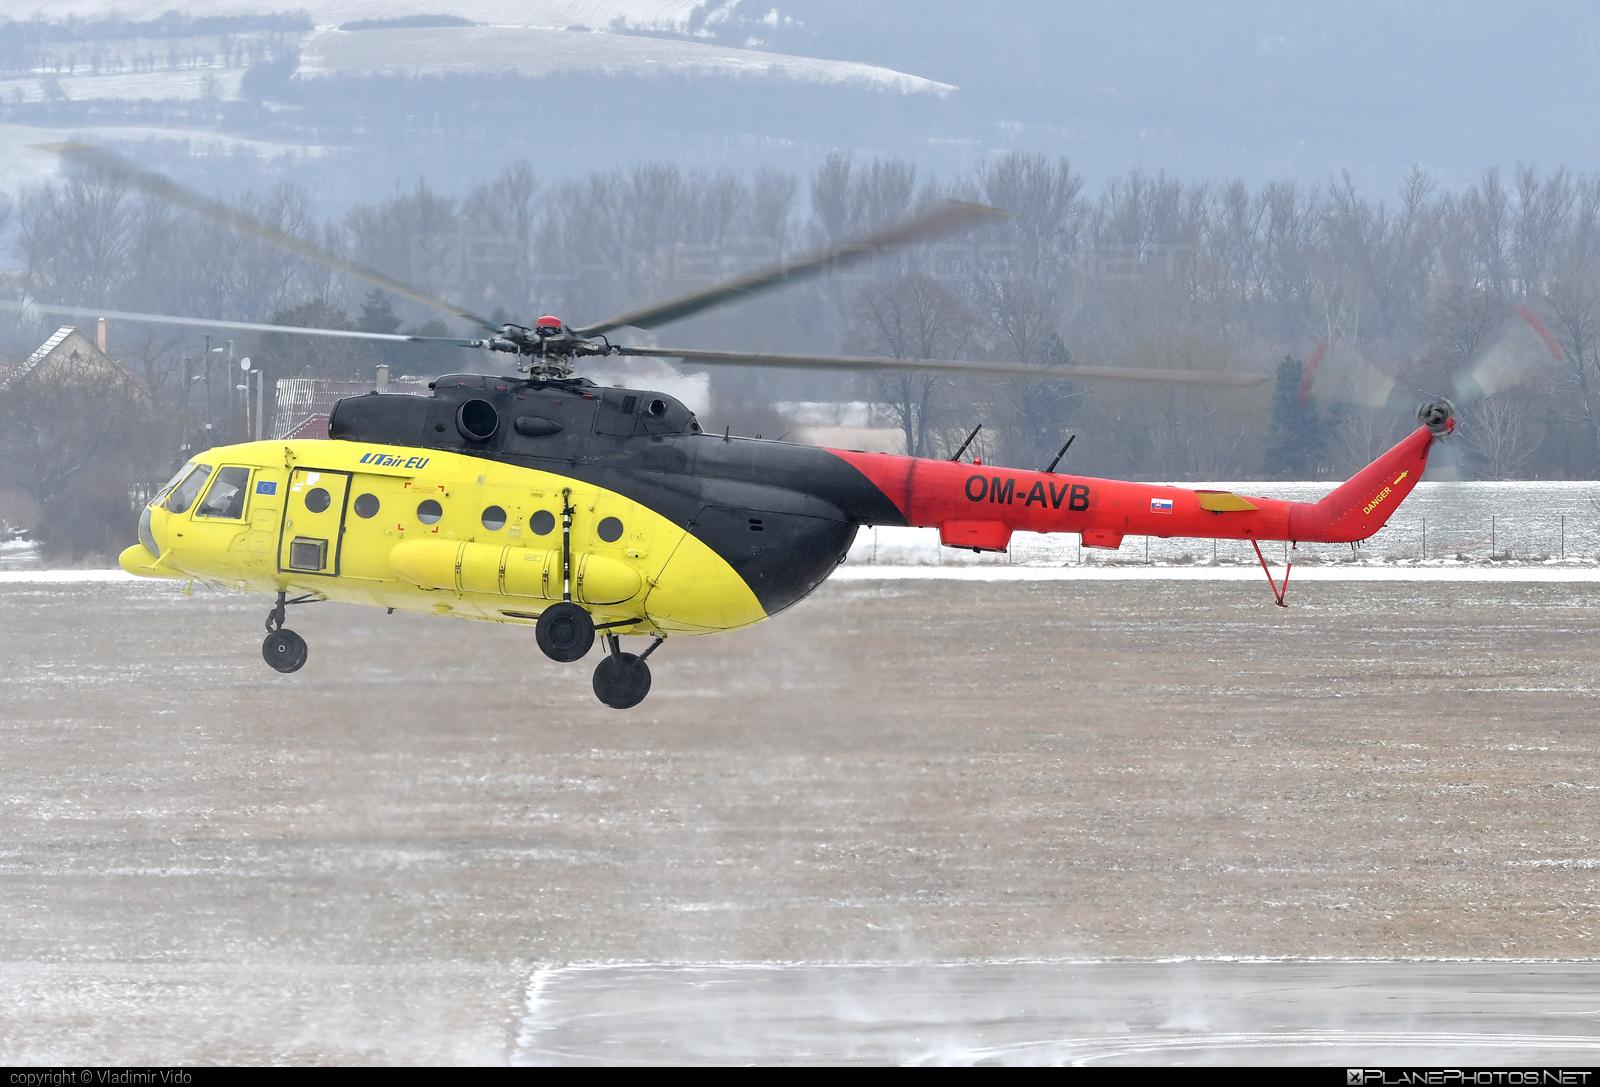 Mil Mi-8MTV-1 - OM-AVB operated by UTair Europe #mi8 #mi8mtv1 #mil #milhelicopters #milmi8 #milmi8mtv1 #utair #utaireurope